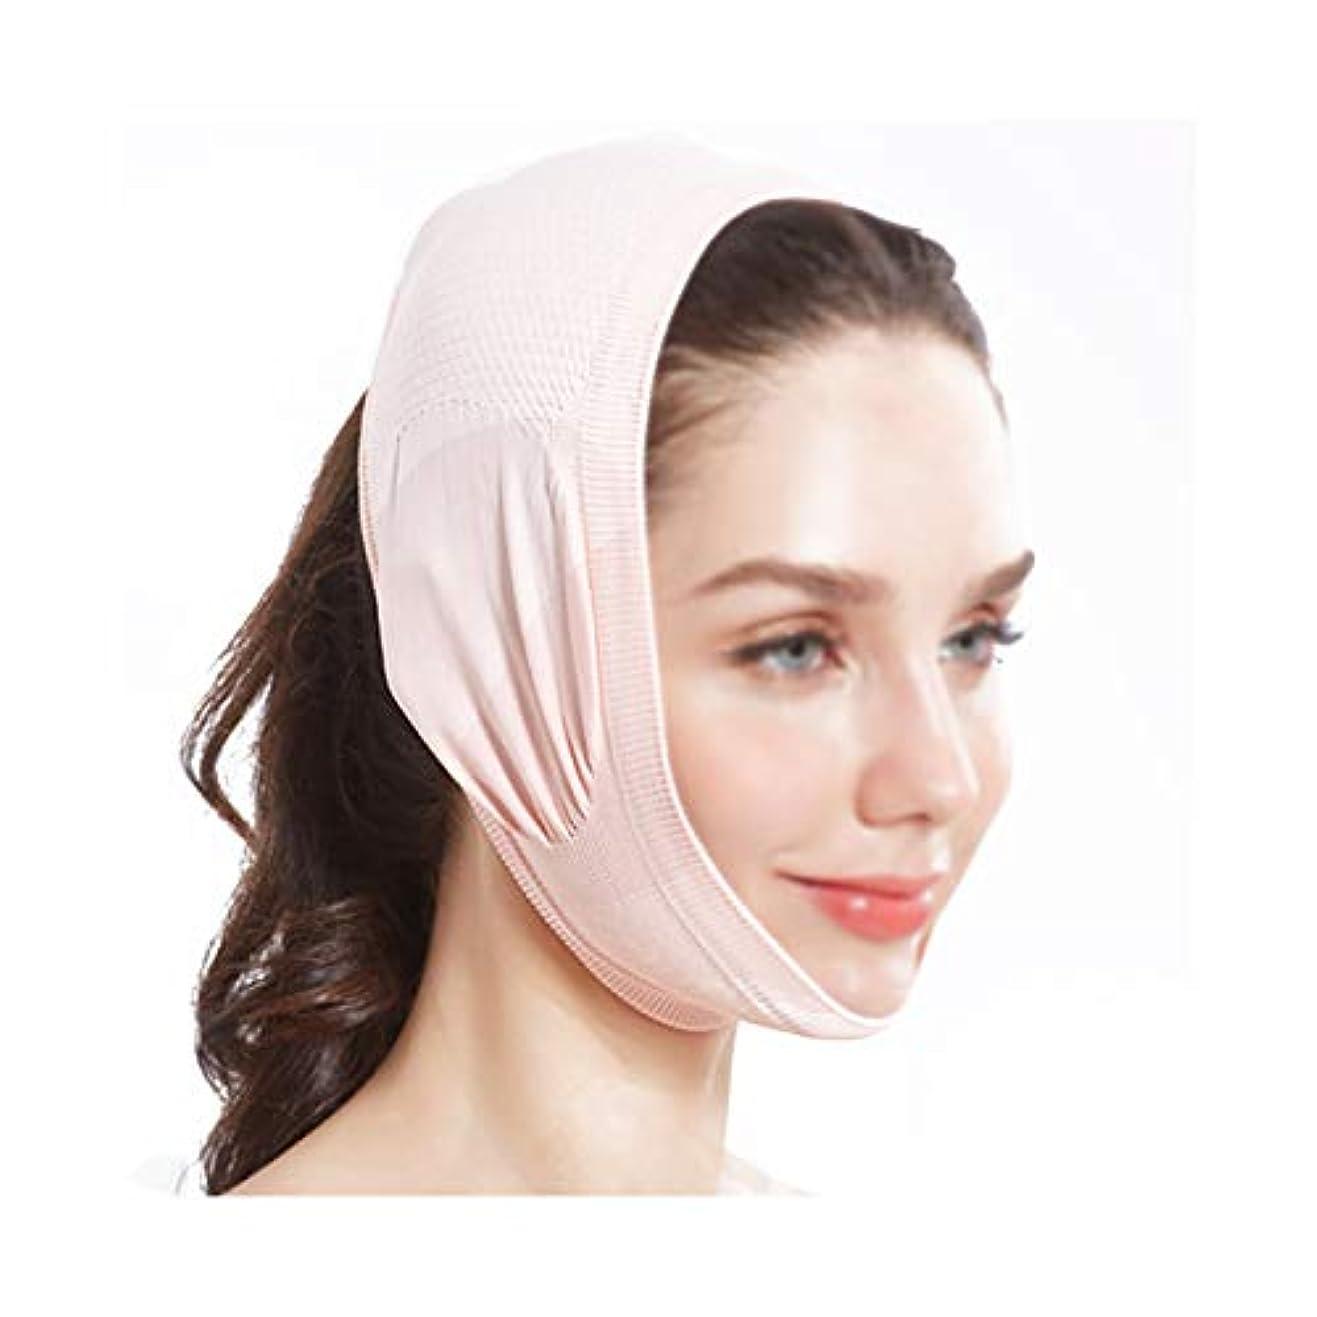 に話すバッテリーファンドGLJJQMY フェイスリフトマスクマスクエクステンション強度フェースレス包帯フェイシャルラージVライン彫刻フェイシャルバックカバーネックバンド 顔用整形マスク (Color : Pink)